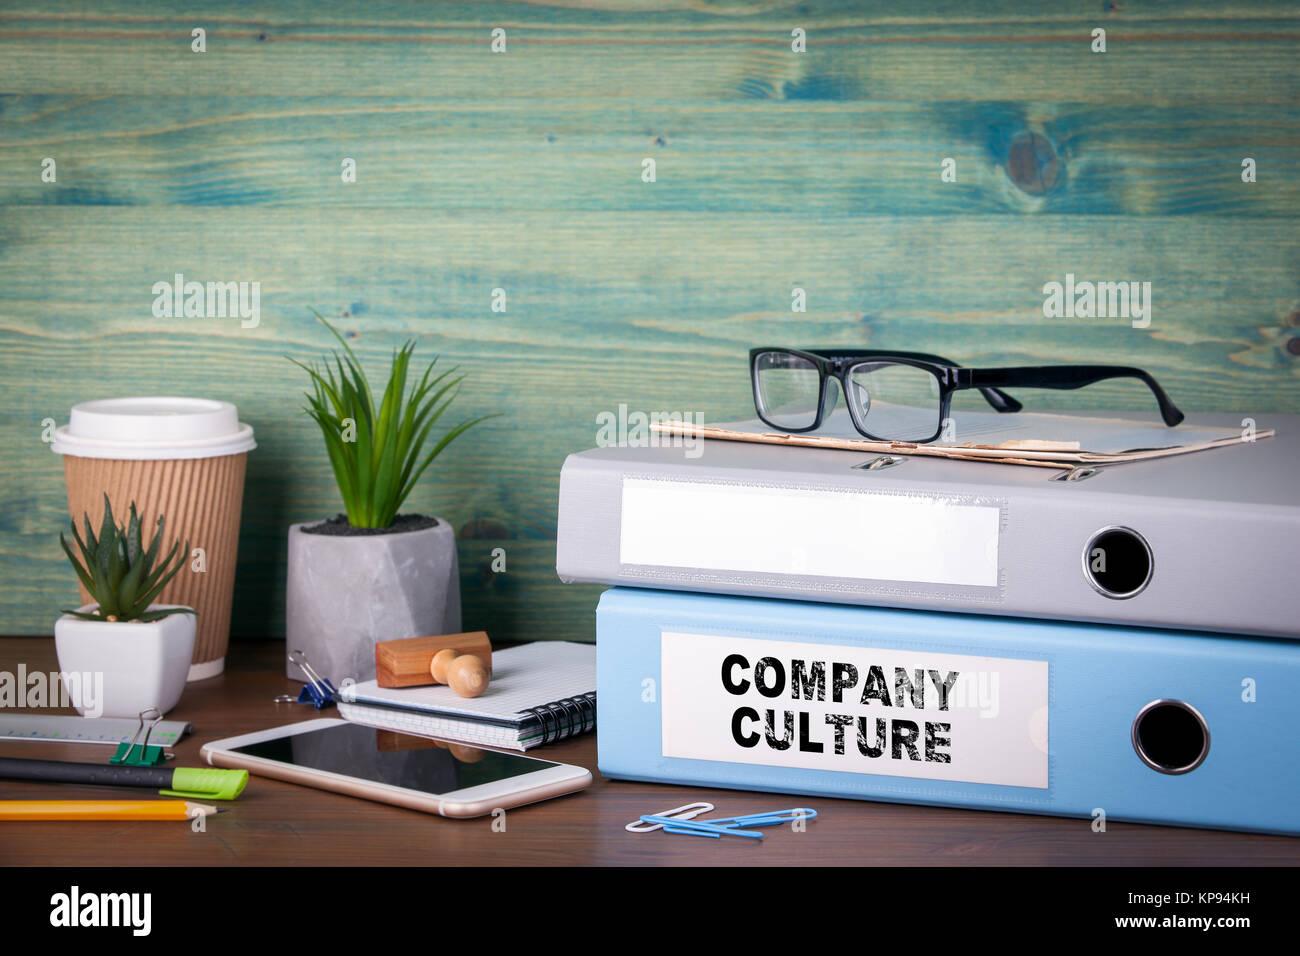 Cultura de la empresa. Encuadernadoras de escritorio en la oficina. Antecedentes comerciales Imagen De Stock